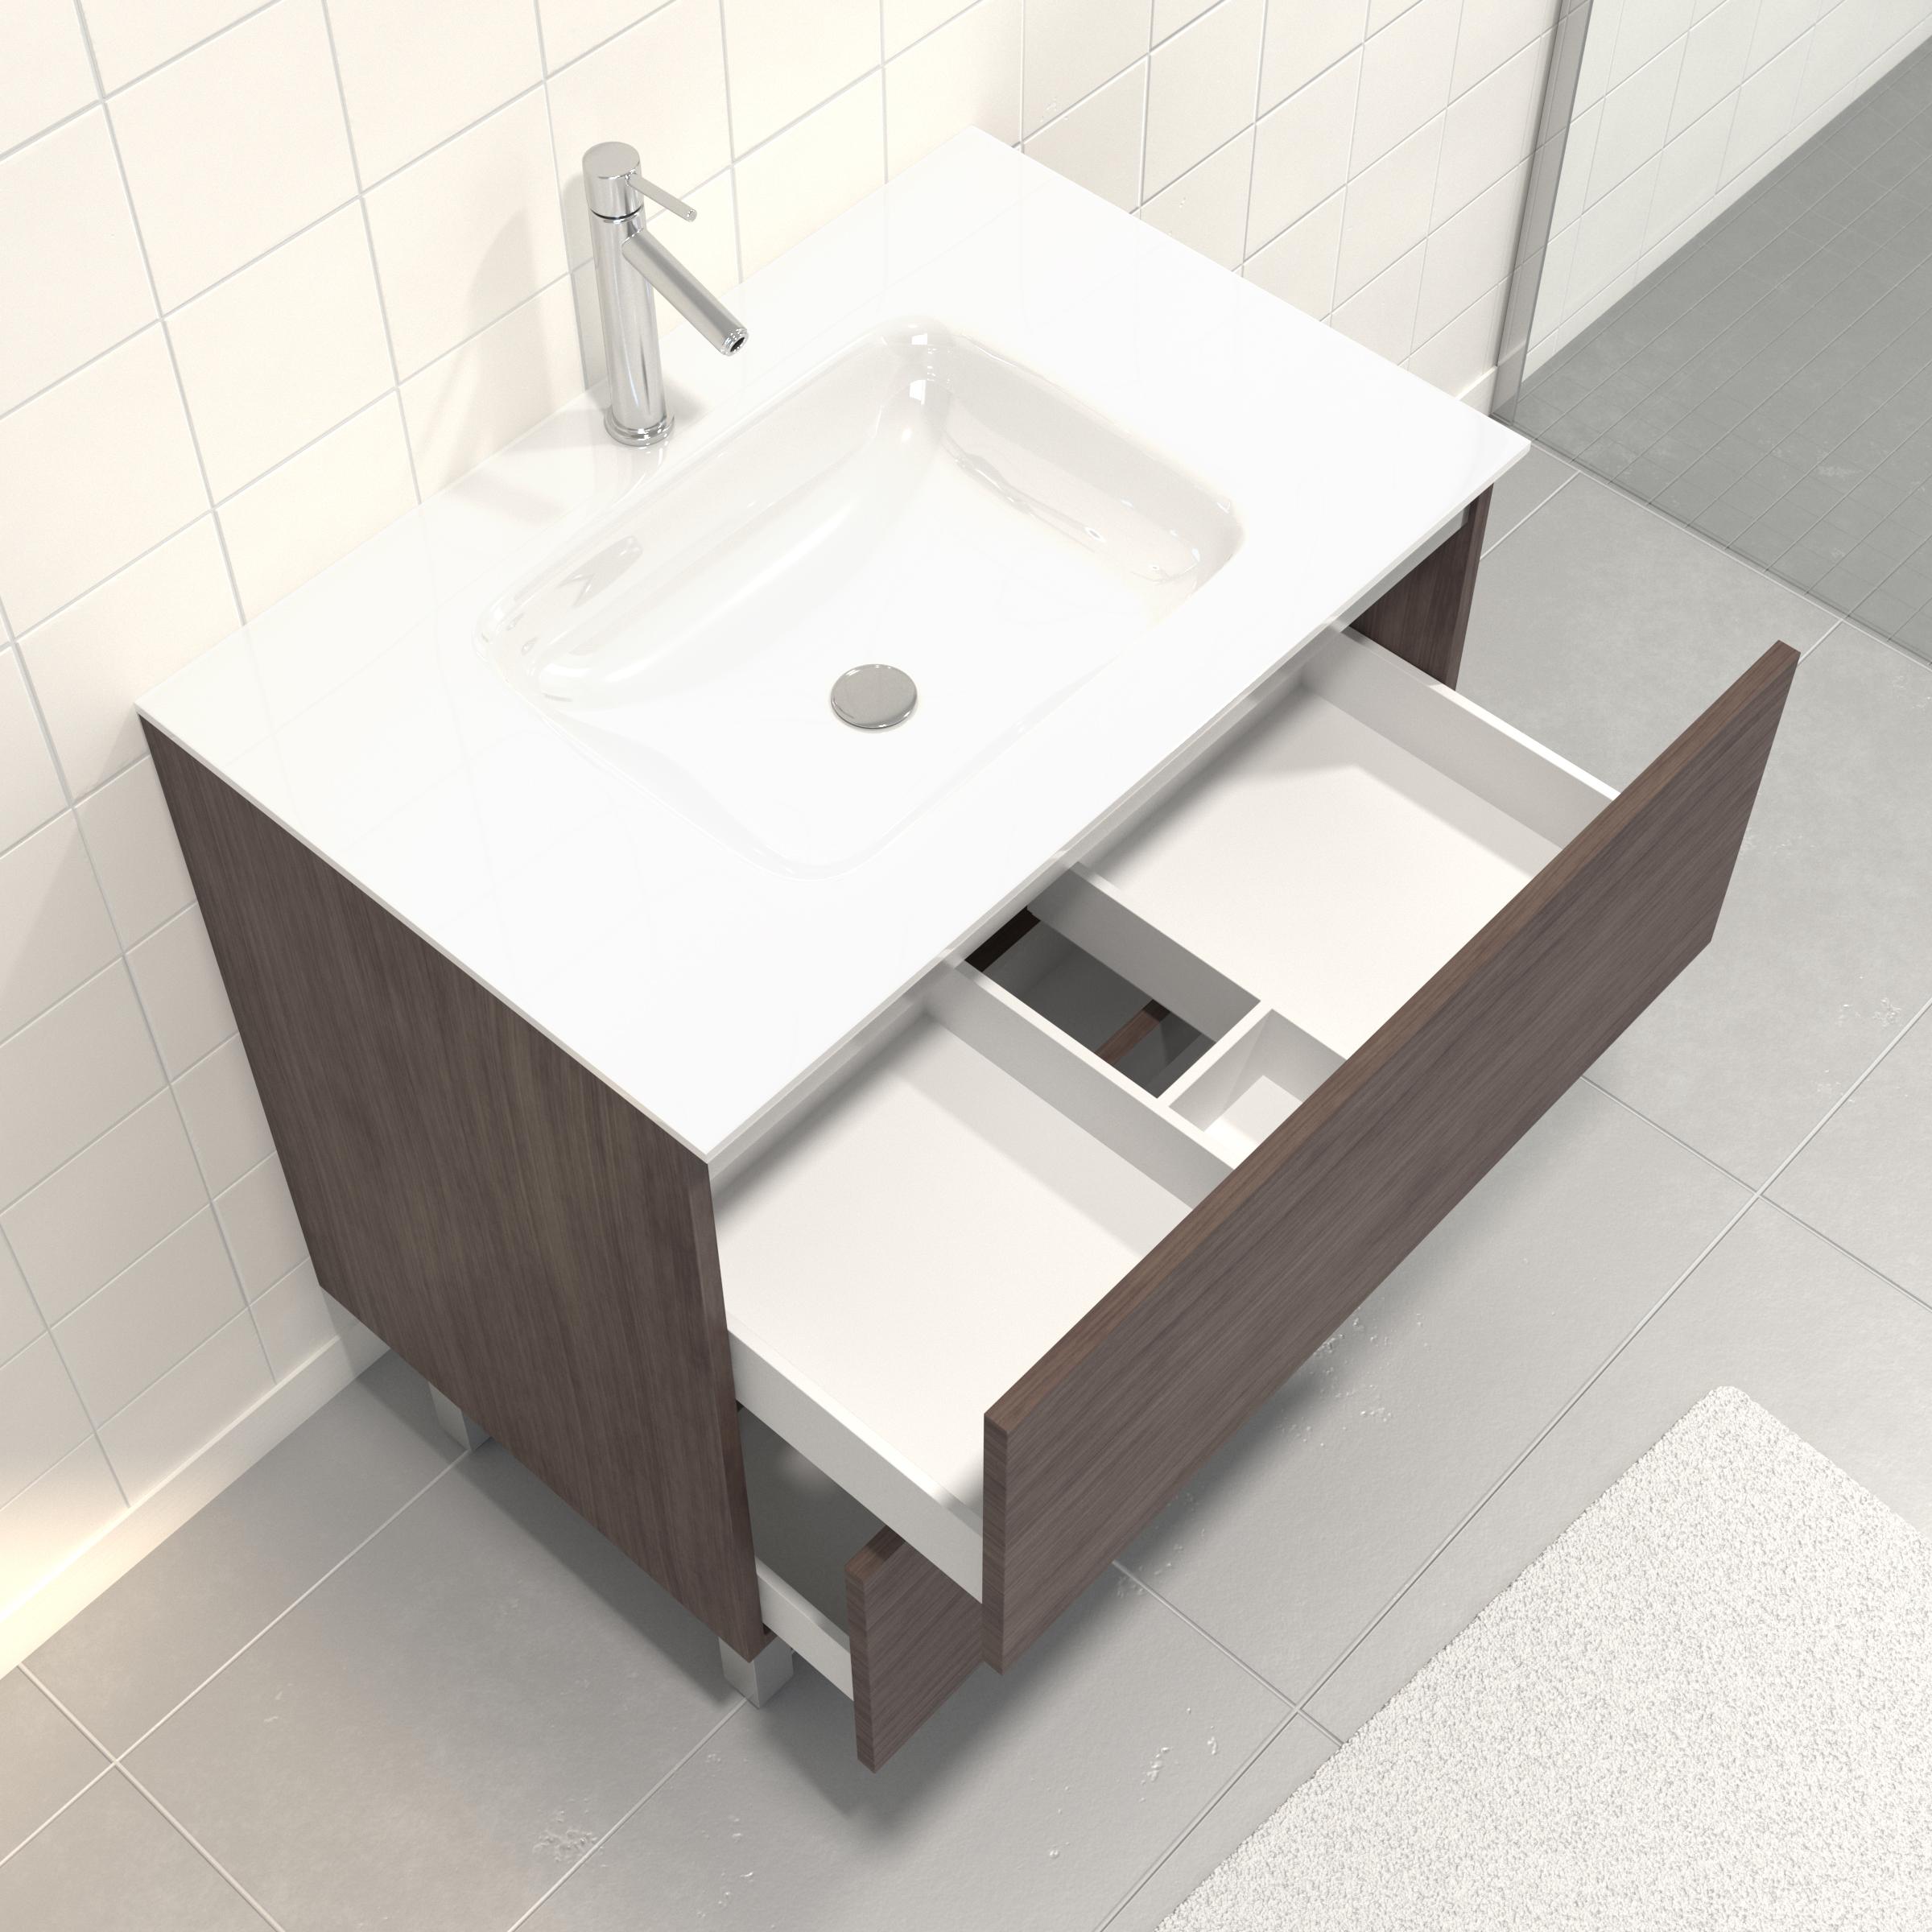 Pack Meuble de salle de bain 80x50 cm Graphite + vasque verre blanc + miroir LED 80x60